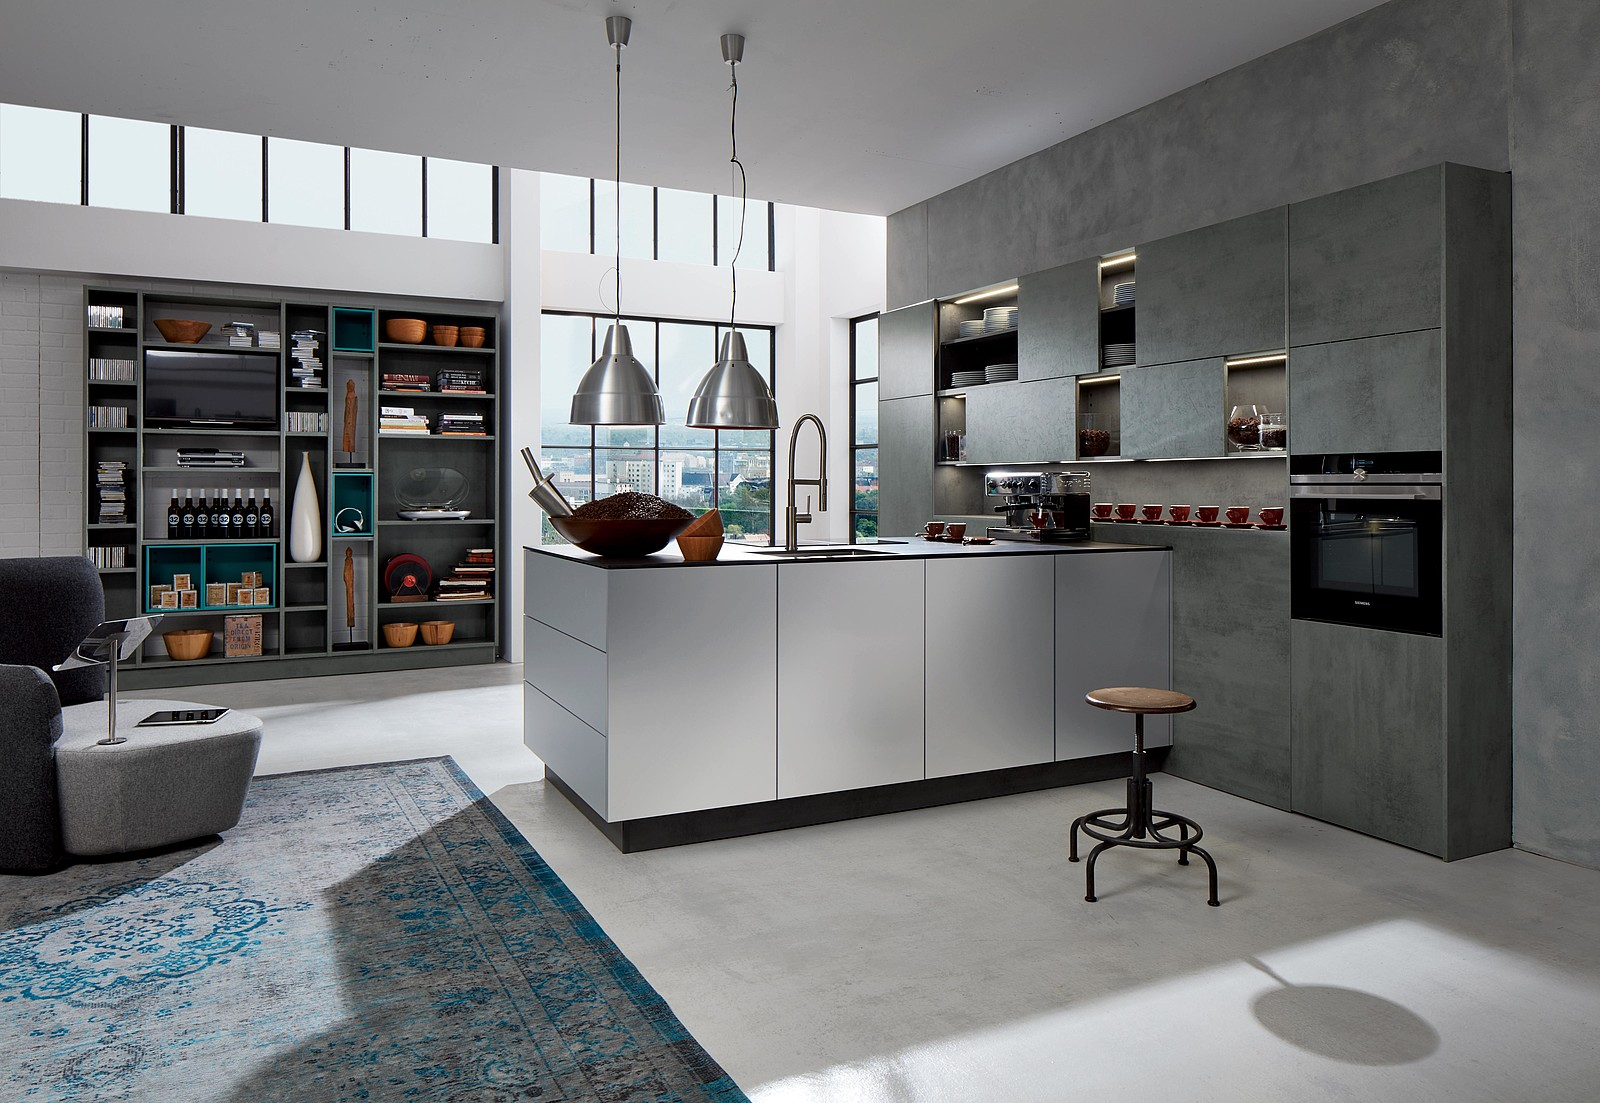 Full Size of Ikea Küche Ohne Blende Halter Für Küche Blende Nolte Küche Blende Demontieren Küche Sockelblende Halterung Küche Küche Blende